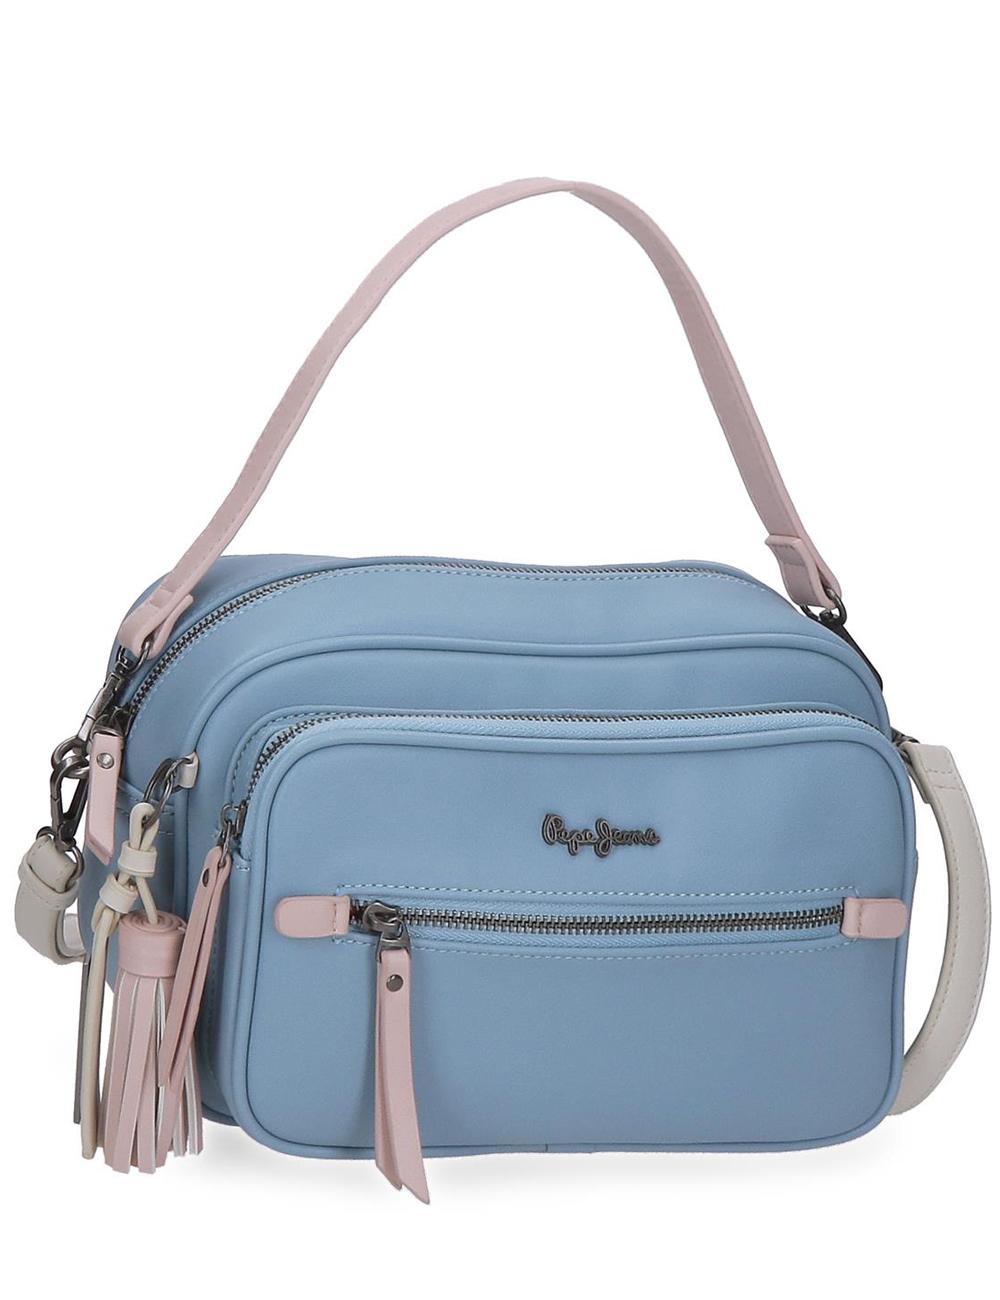 7585222 Bandolera Doble Compartimento Pepe Jeans Zaida Azul